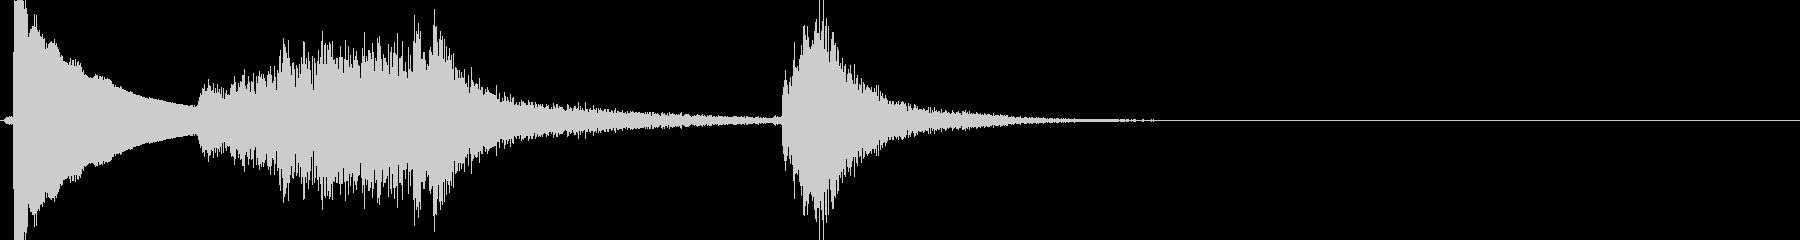 ビフォーアフター的なお琴場面切り替え の未再生の波形